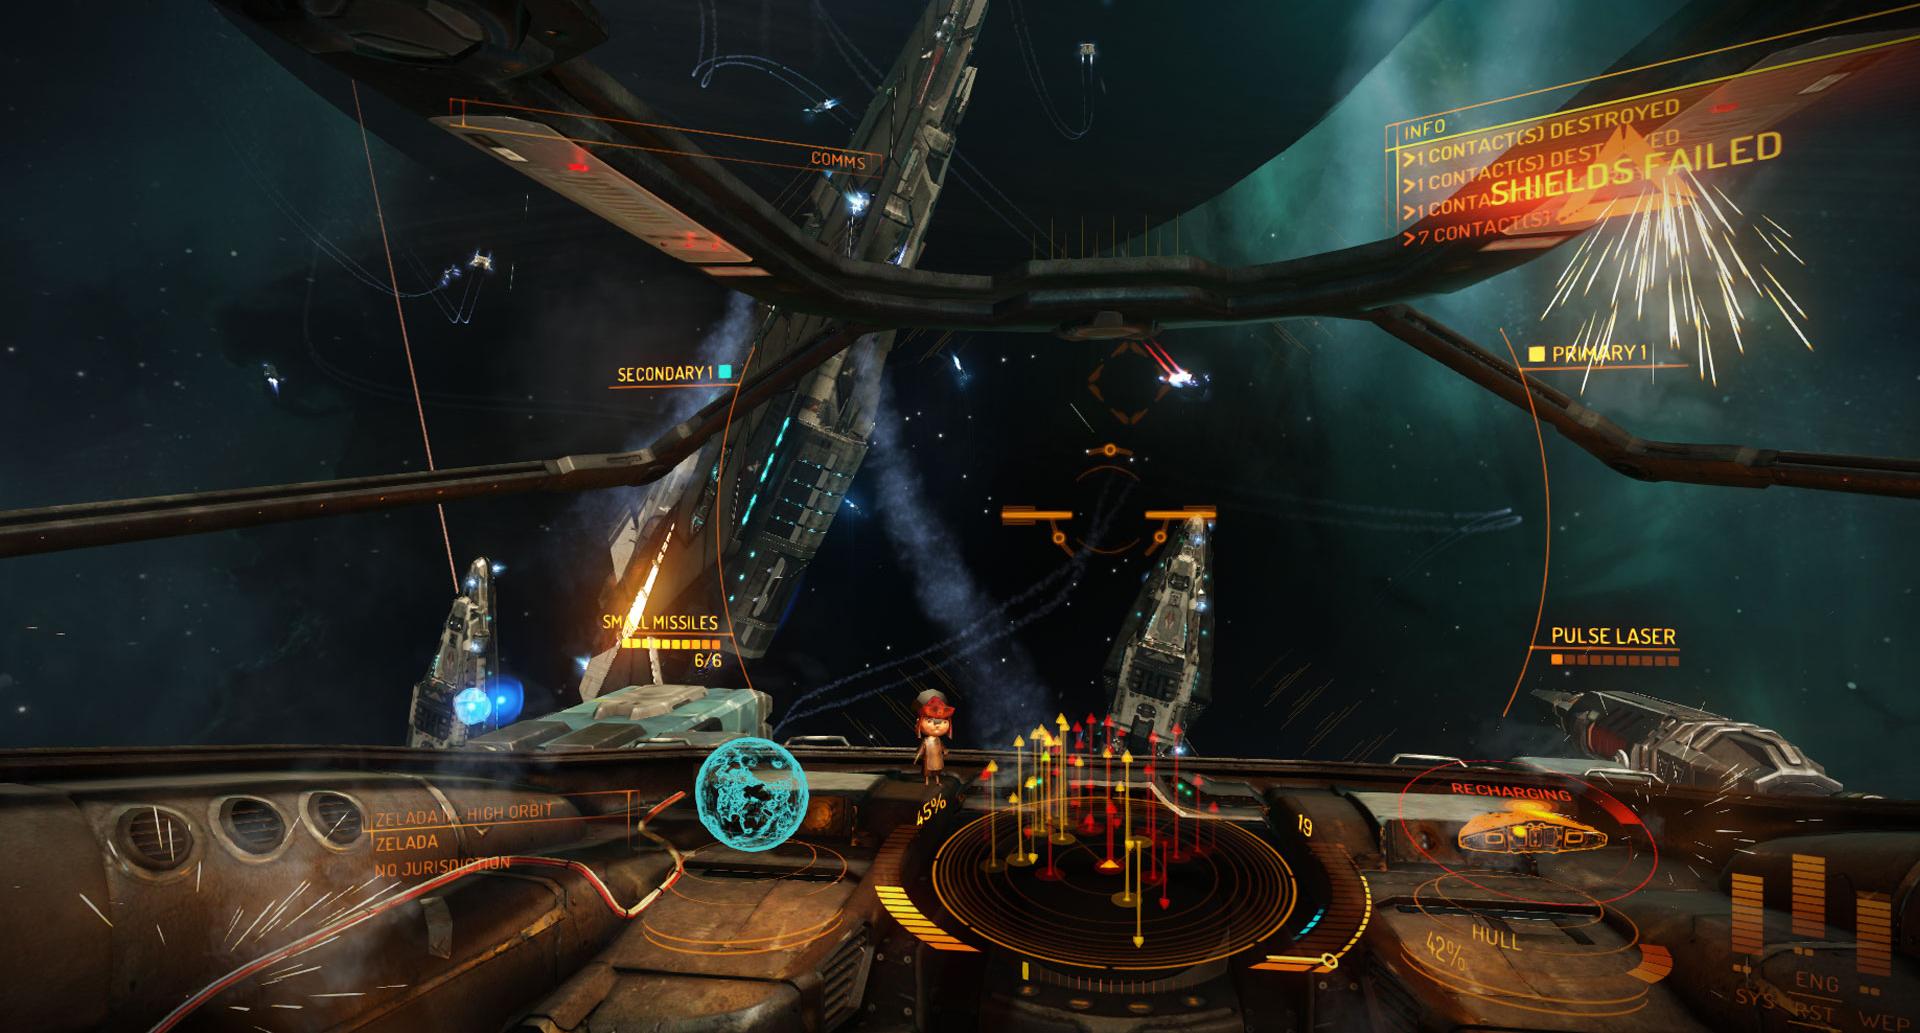 Frontier Developments hé lộ game mới Elite: Dangerous - Ảnh 1